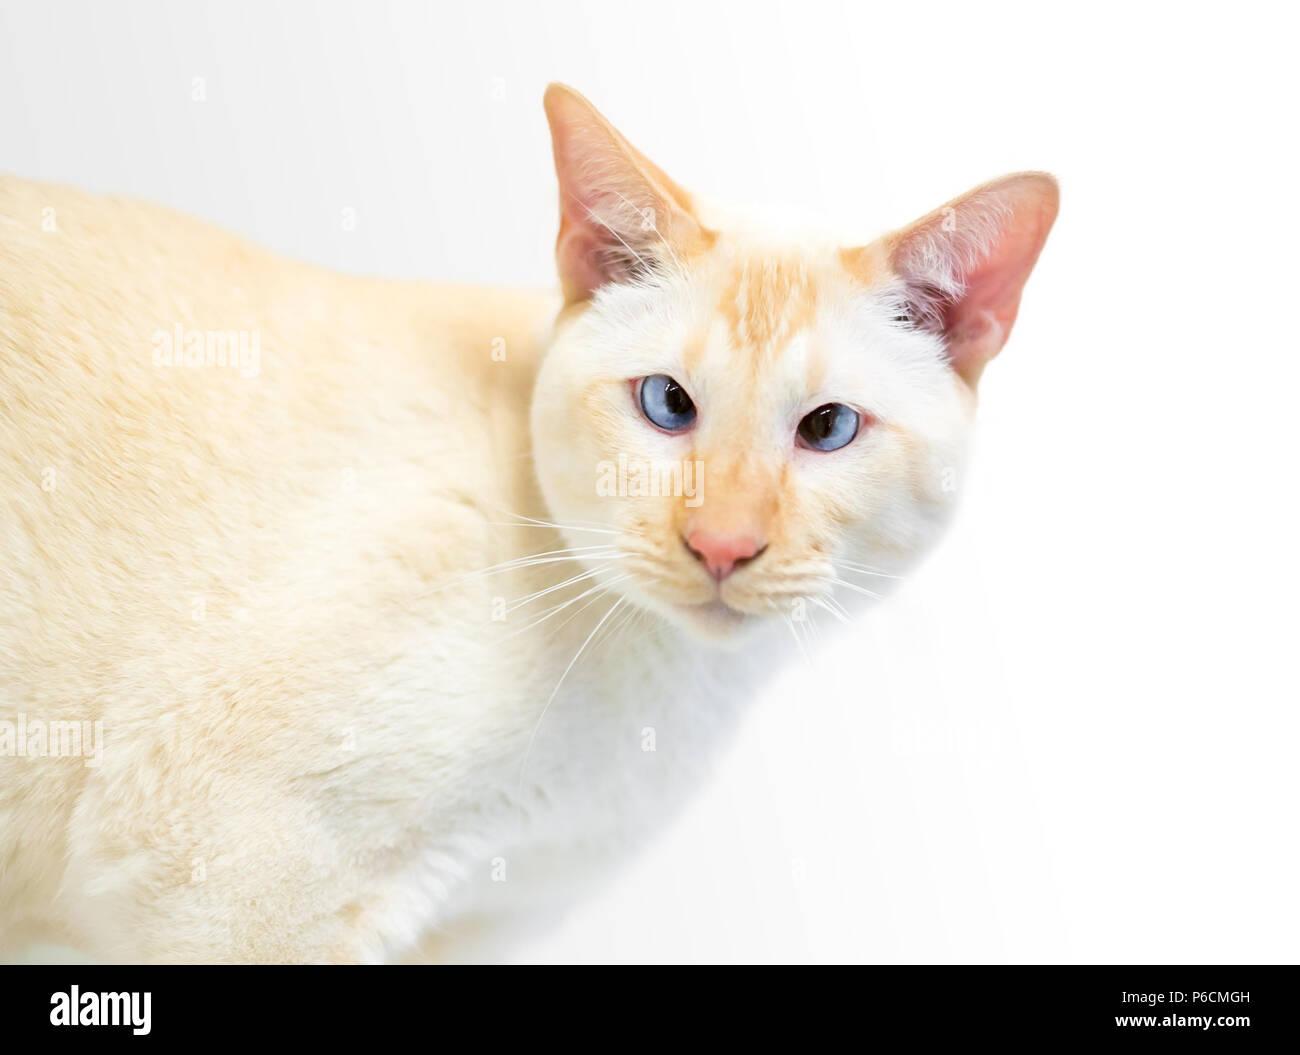 Un gatto siamese gatto con punto di fiamma marcature e occhi incrociati Immagini Stock